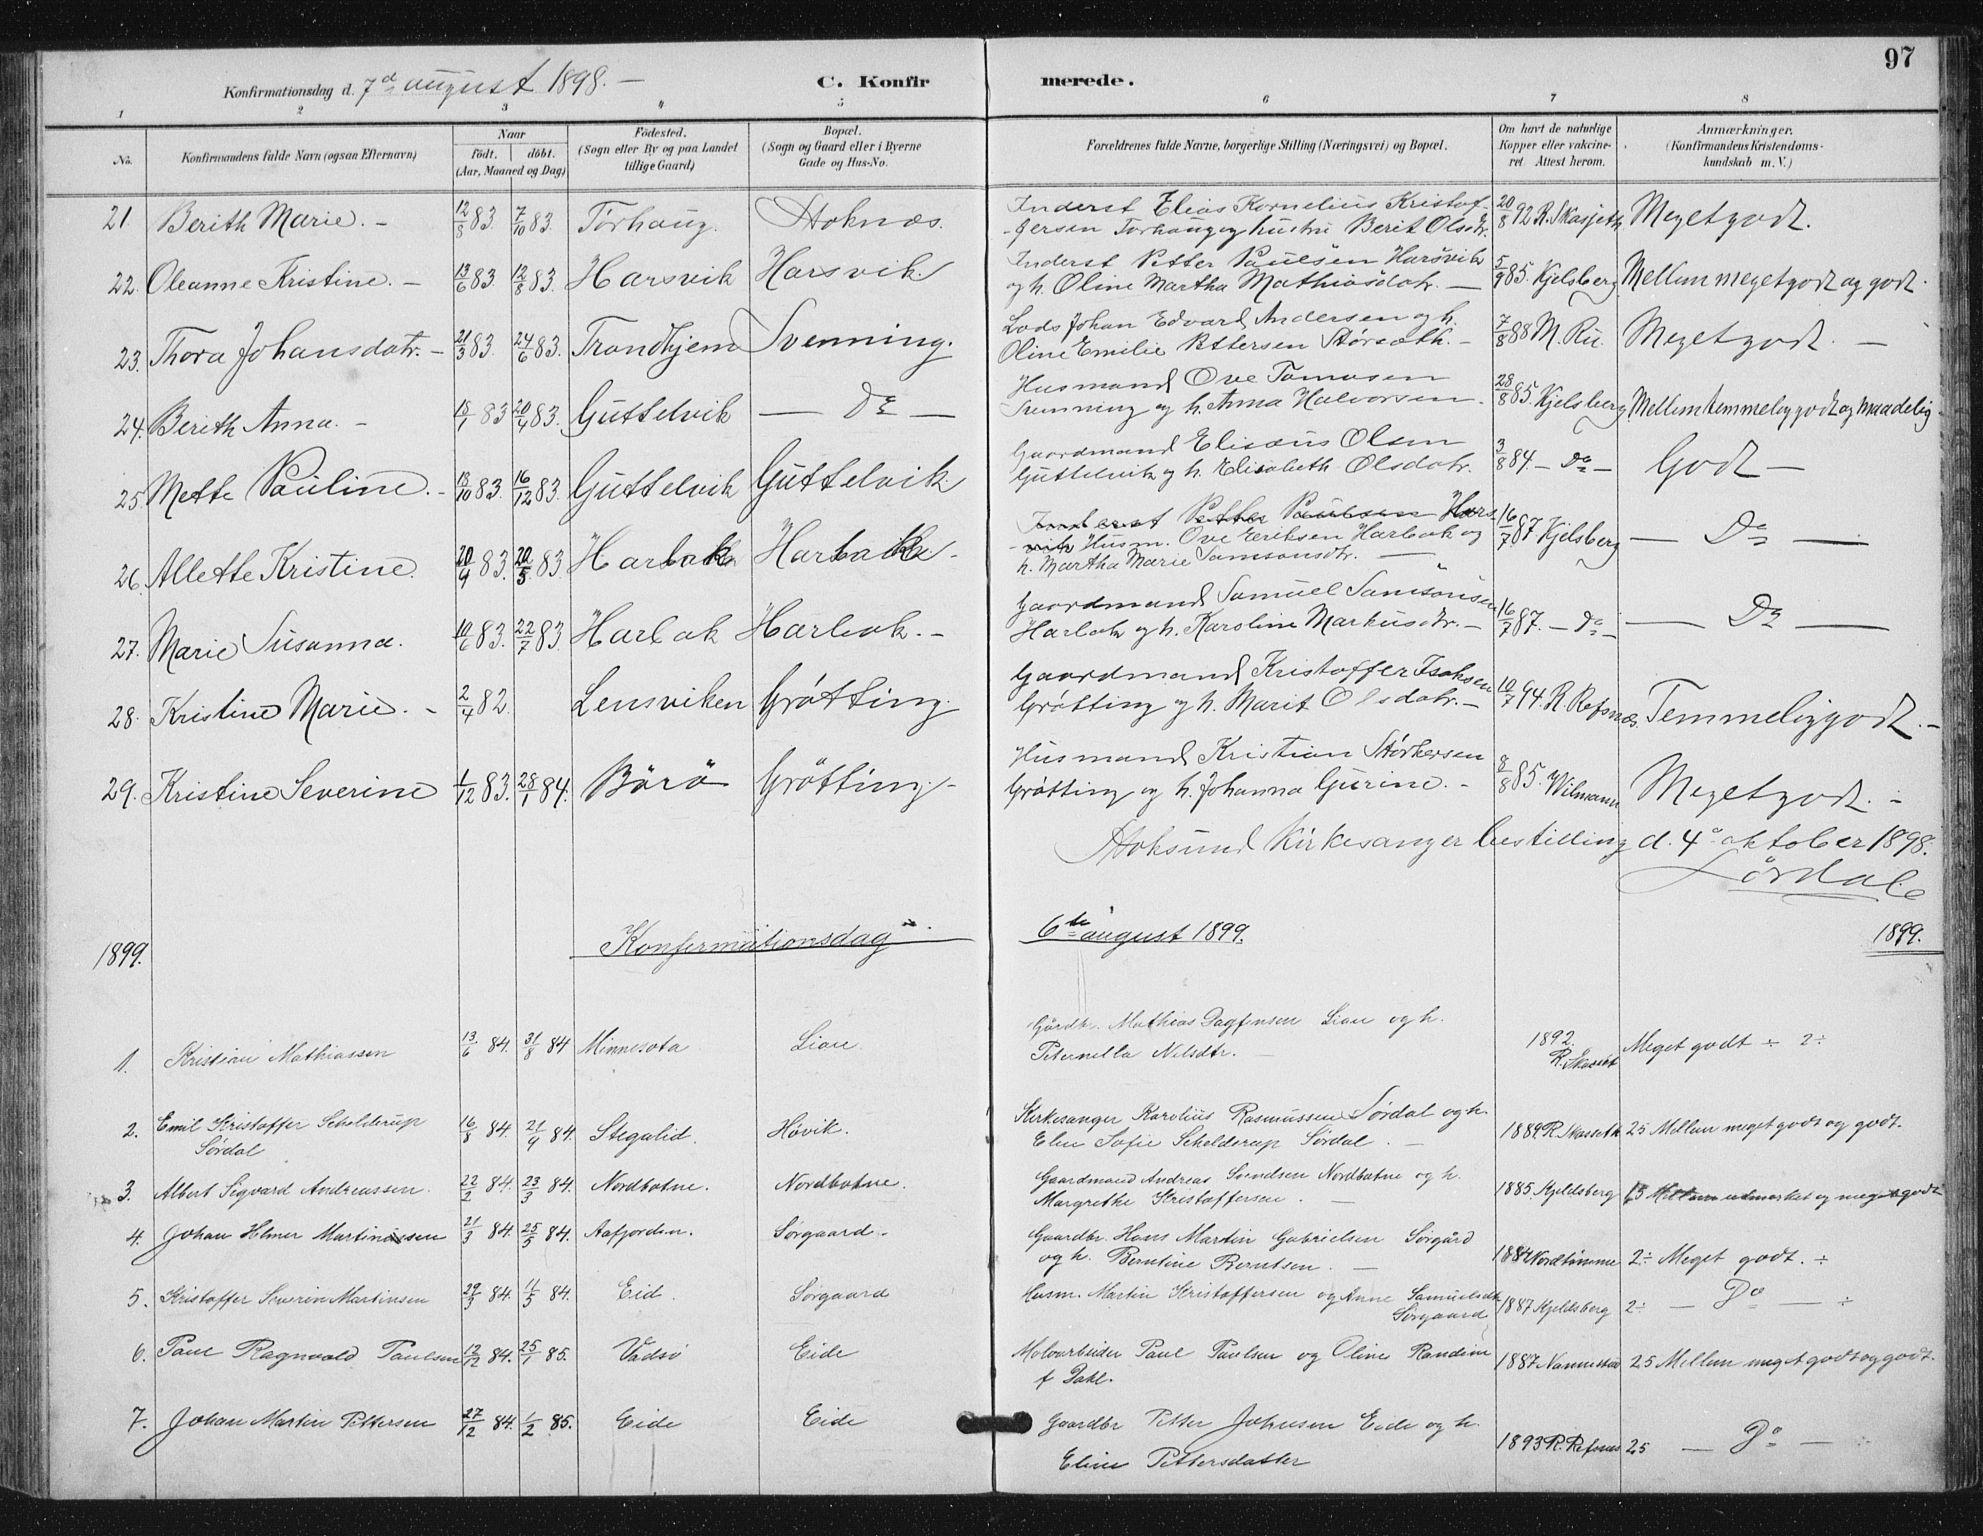 SAT, Ministerialprotokoller, klokkerbøker og fødselsregistre - Sør-Trøndelag, 656/L0698: Klokkerbok nr. 656C04, 1890-1904, s. 97